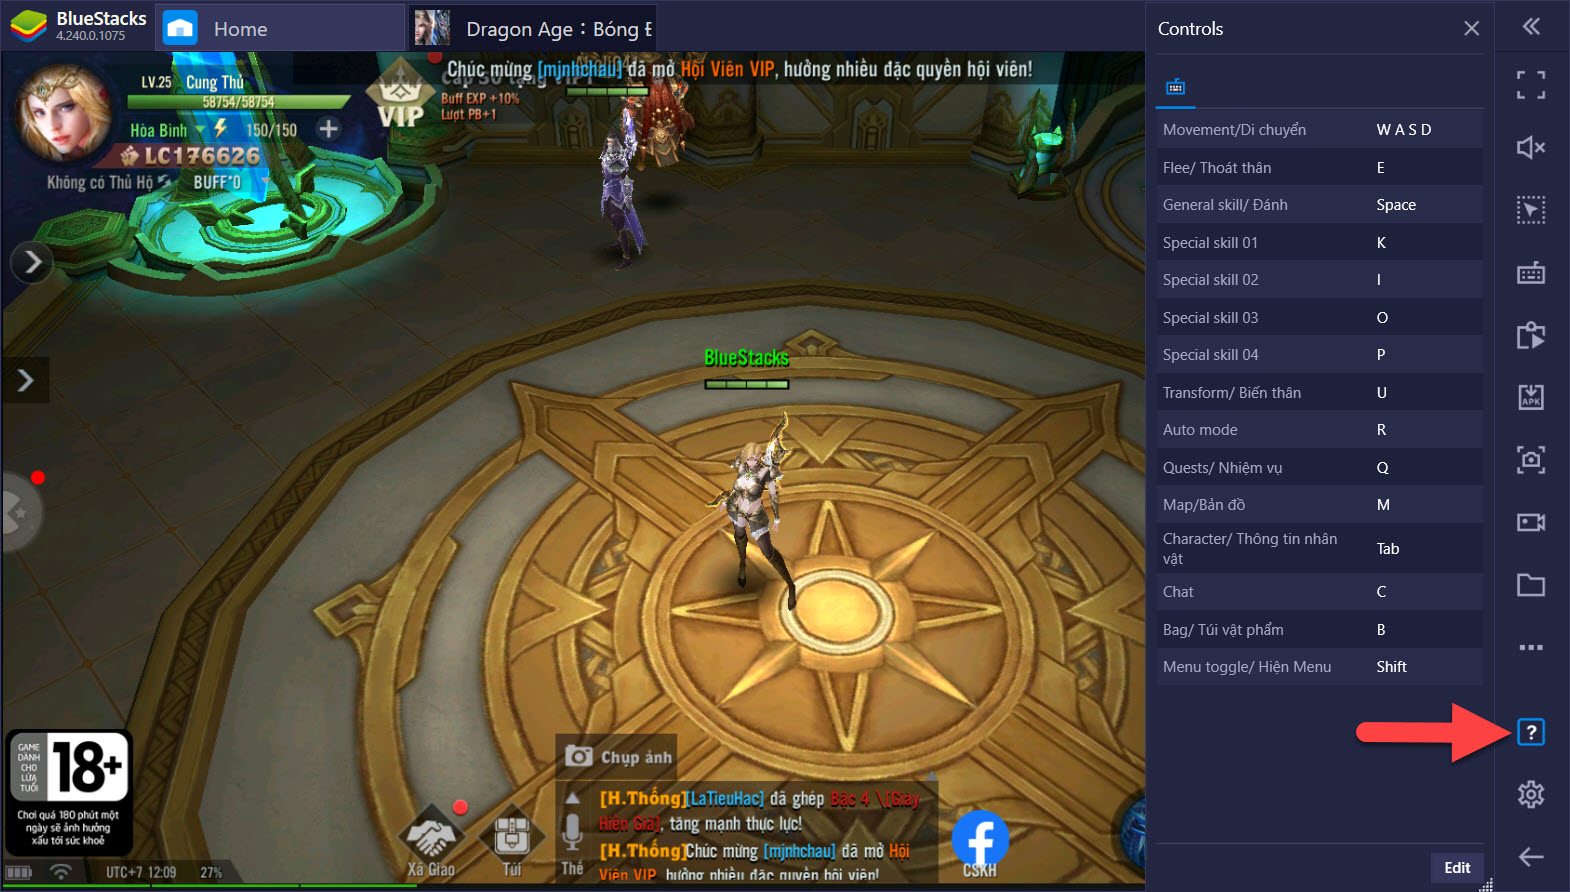 Cách tối ưu điều khiển khi chơi Dragon Age: Bóng Đêm Thức Tỉnh với BlueStacks